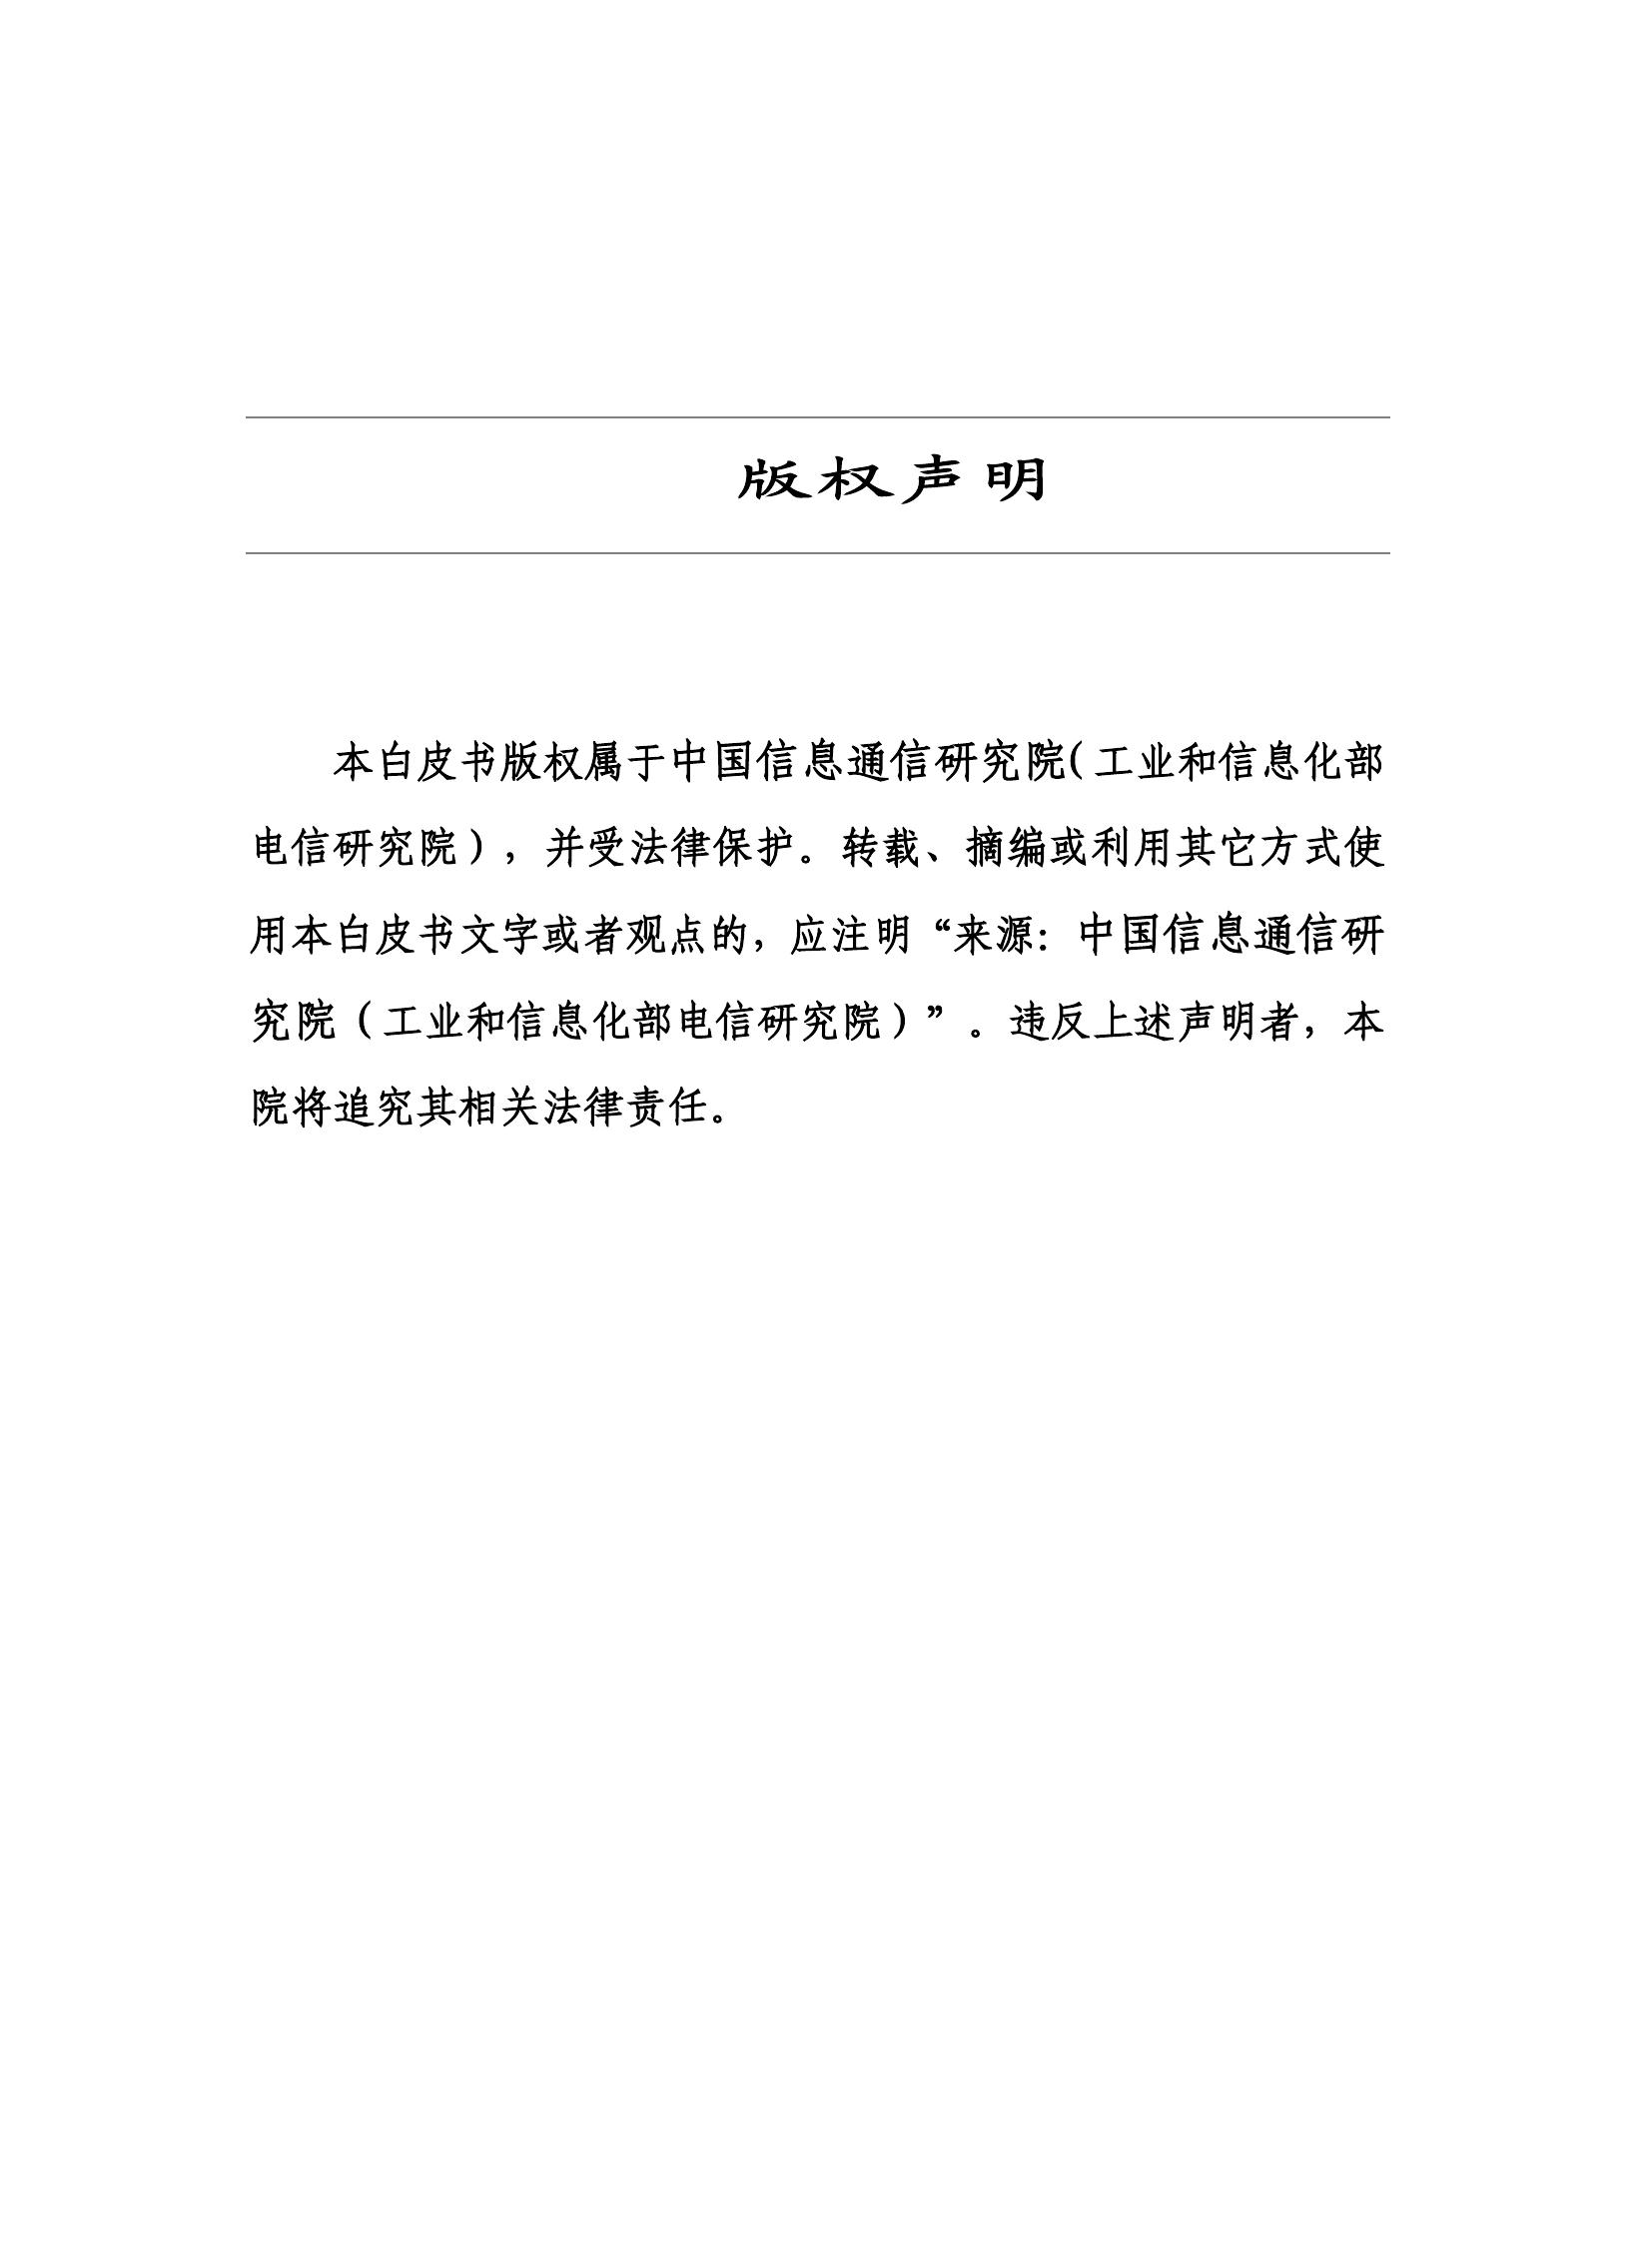 2016年中国互联网行业发展态势暨景气指数报告_000002